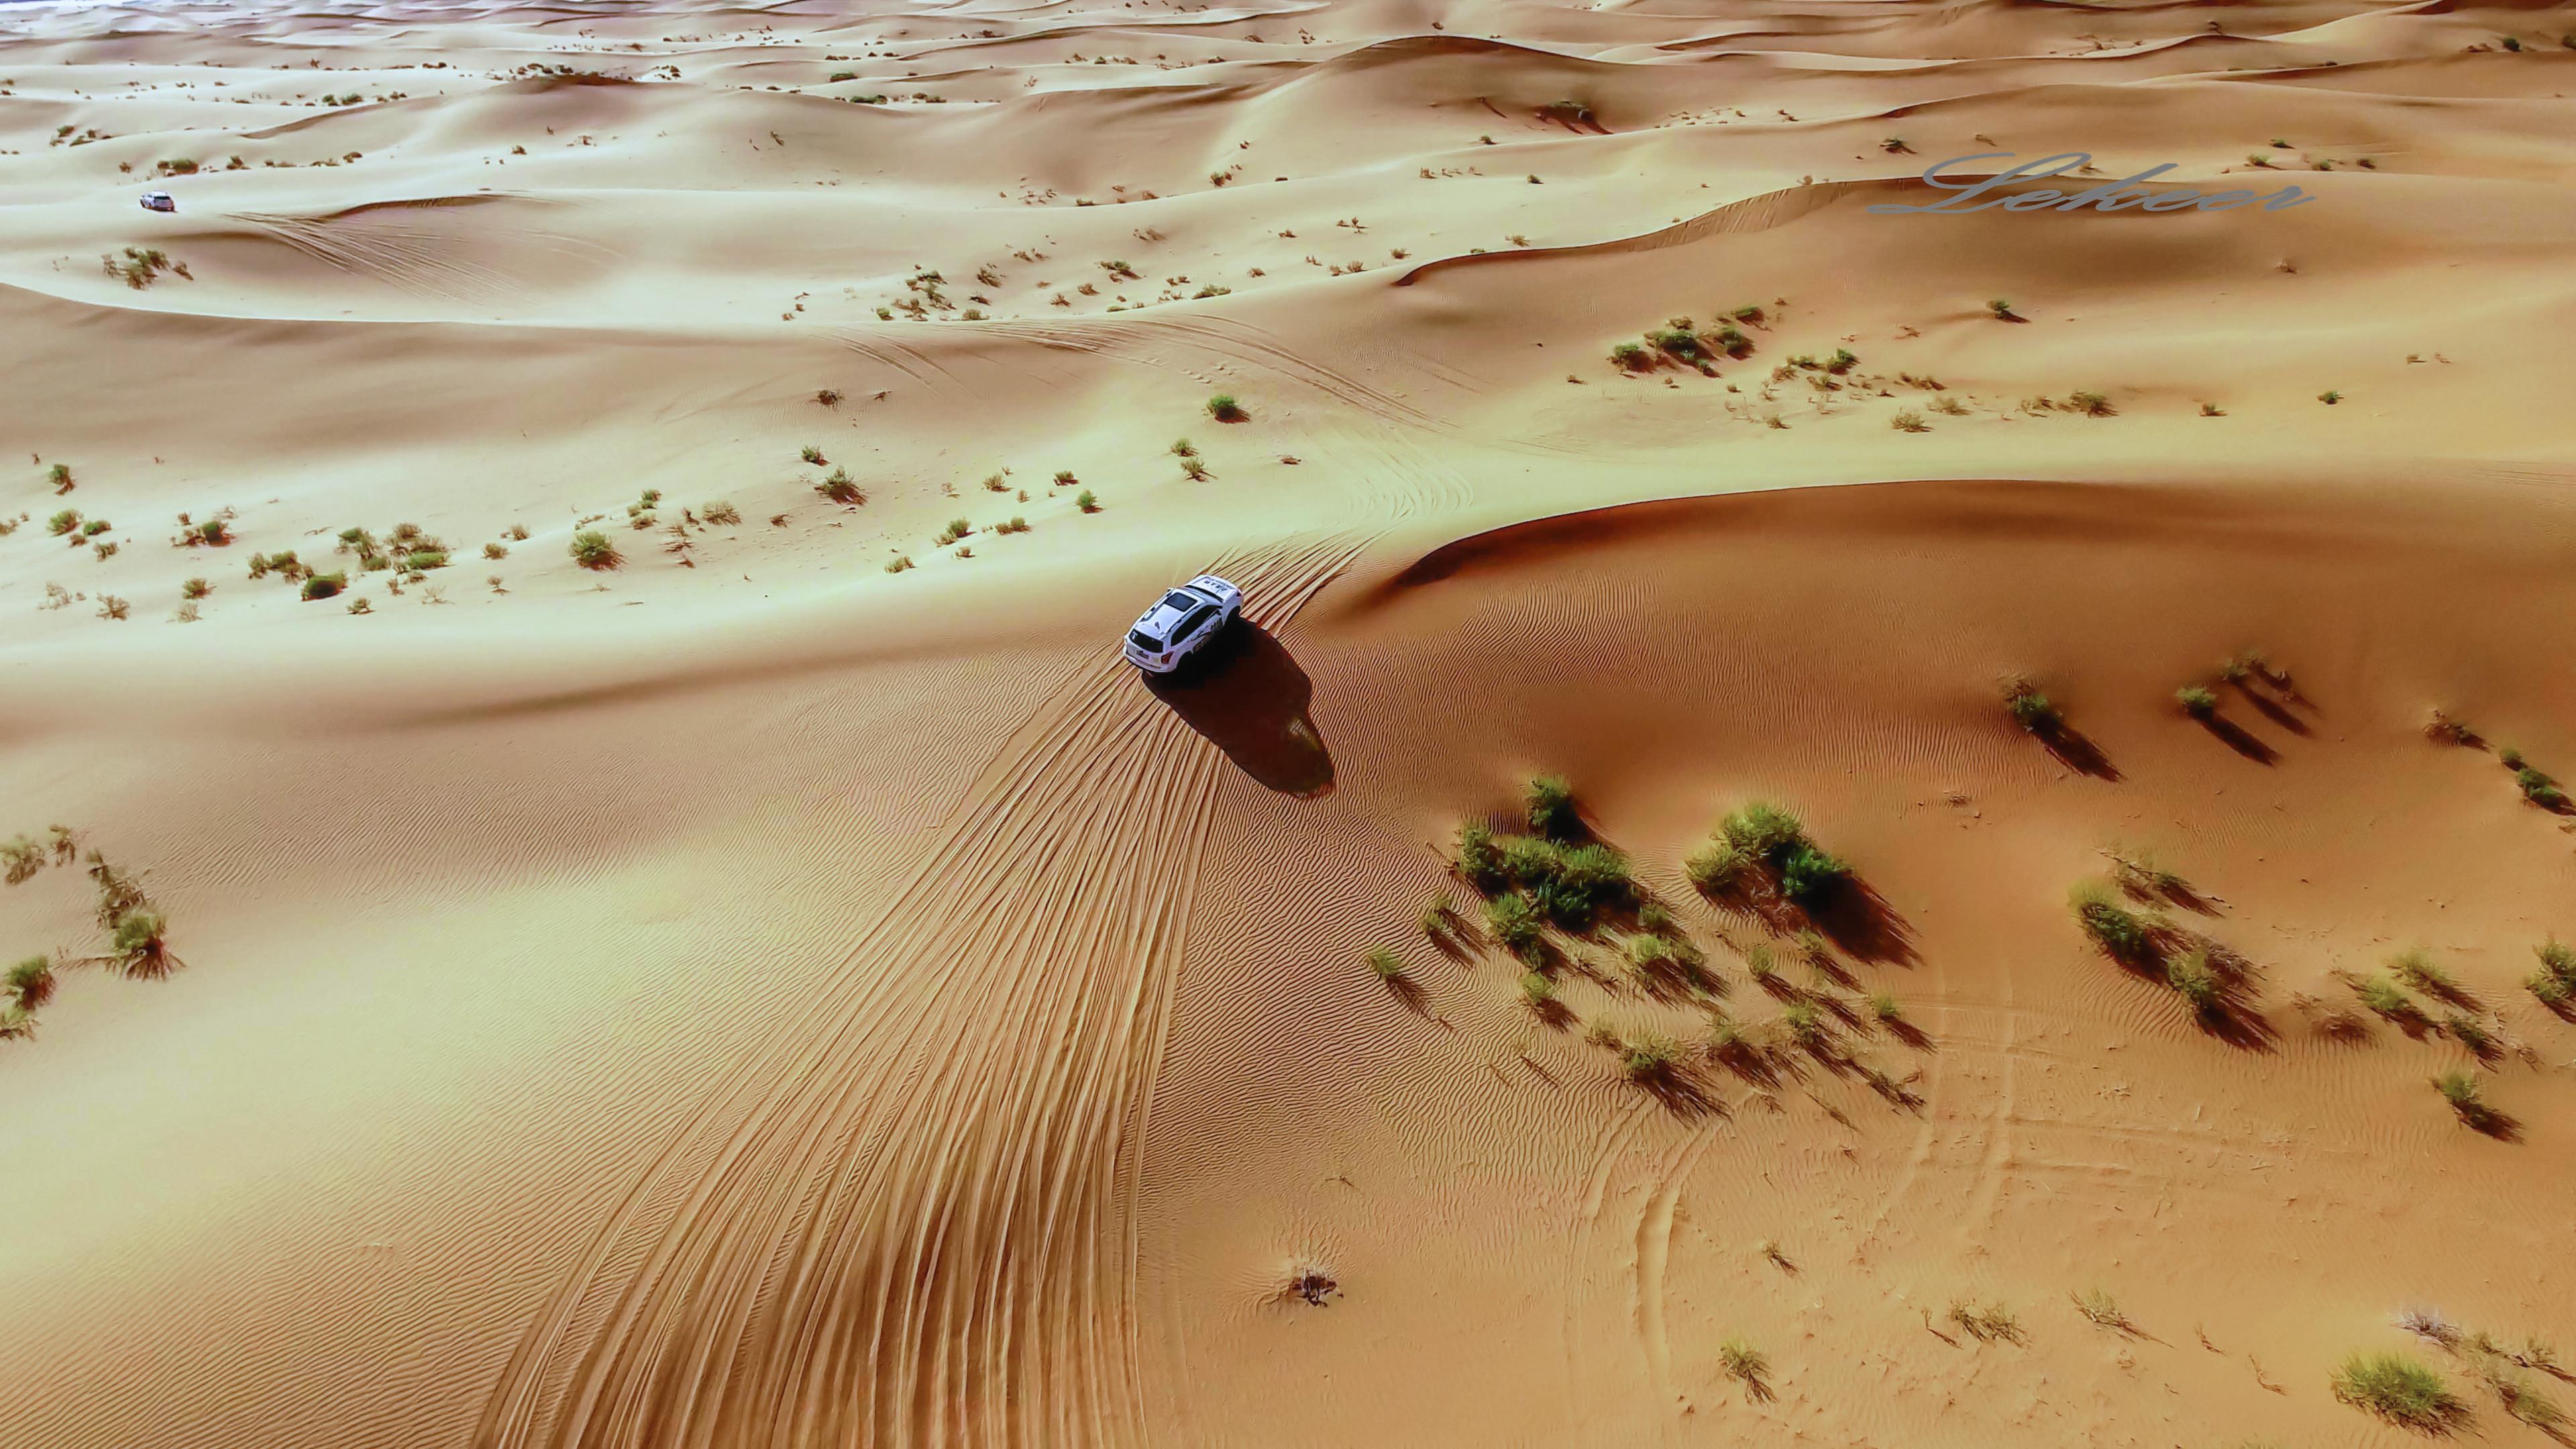 晚霞 星空 露营 日出—穿越大漠追光之旅(含线路)喜欢